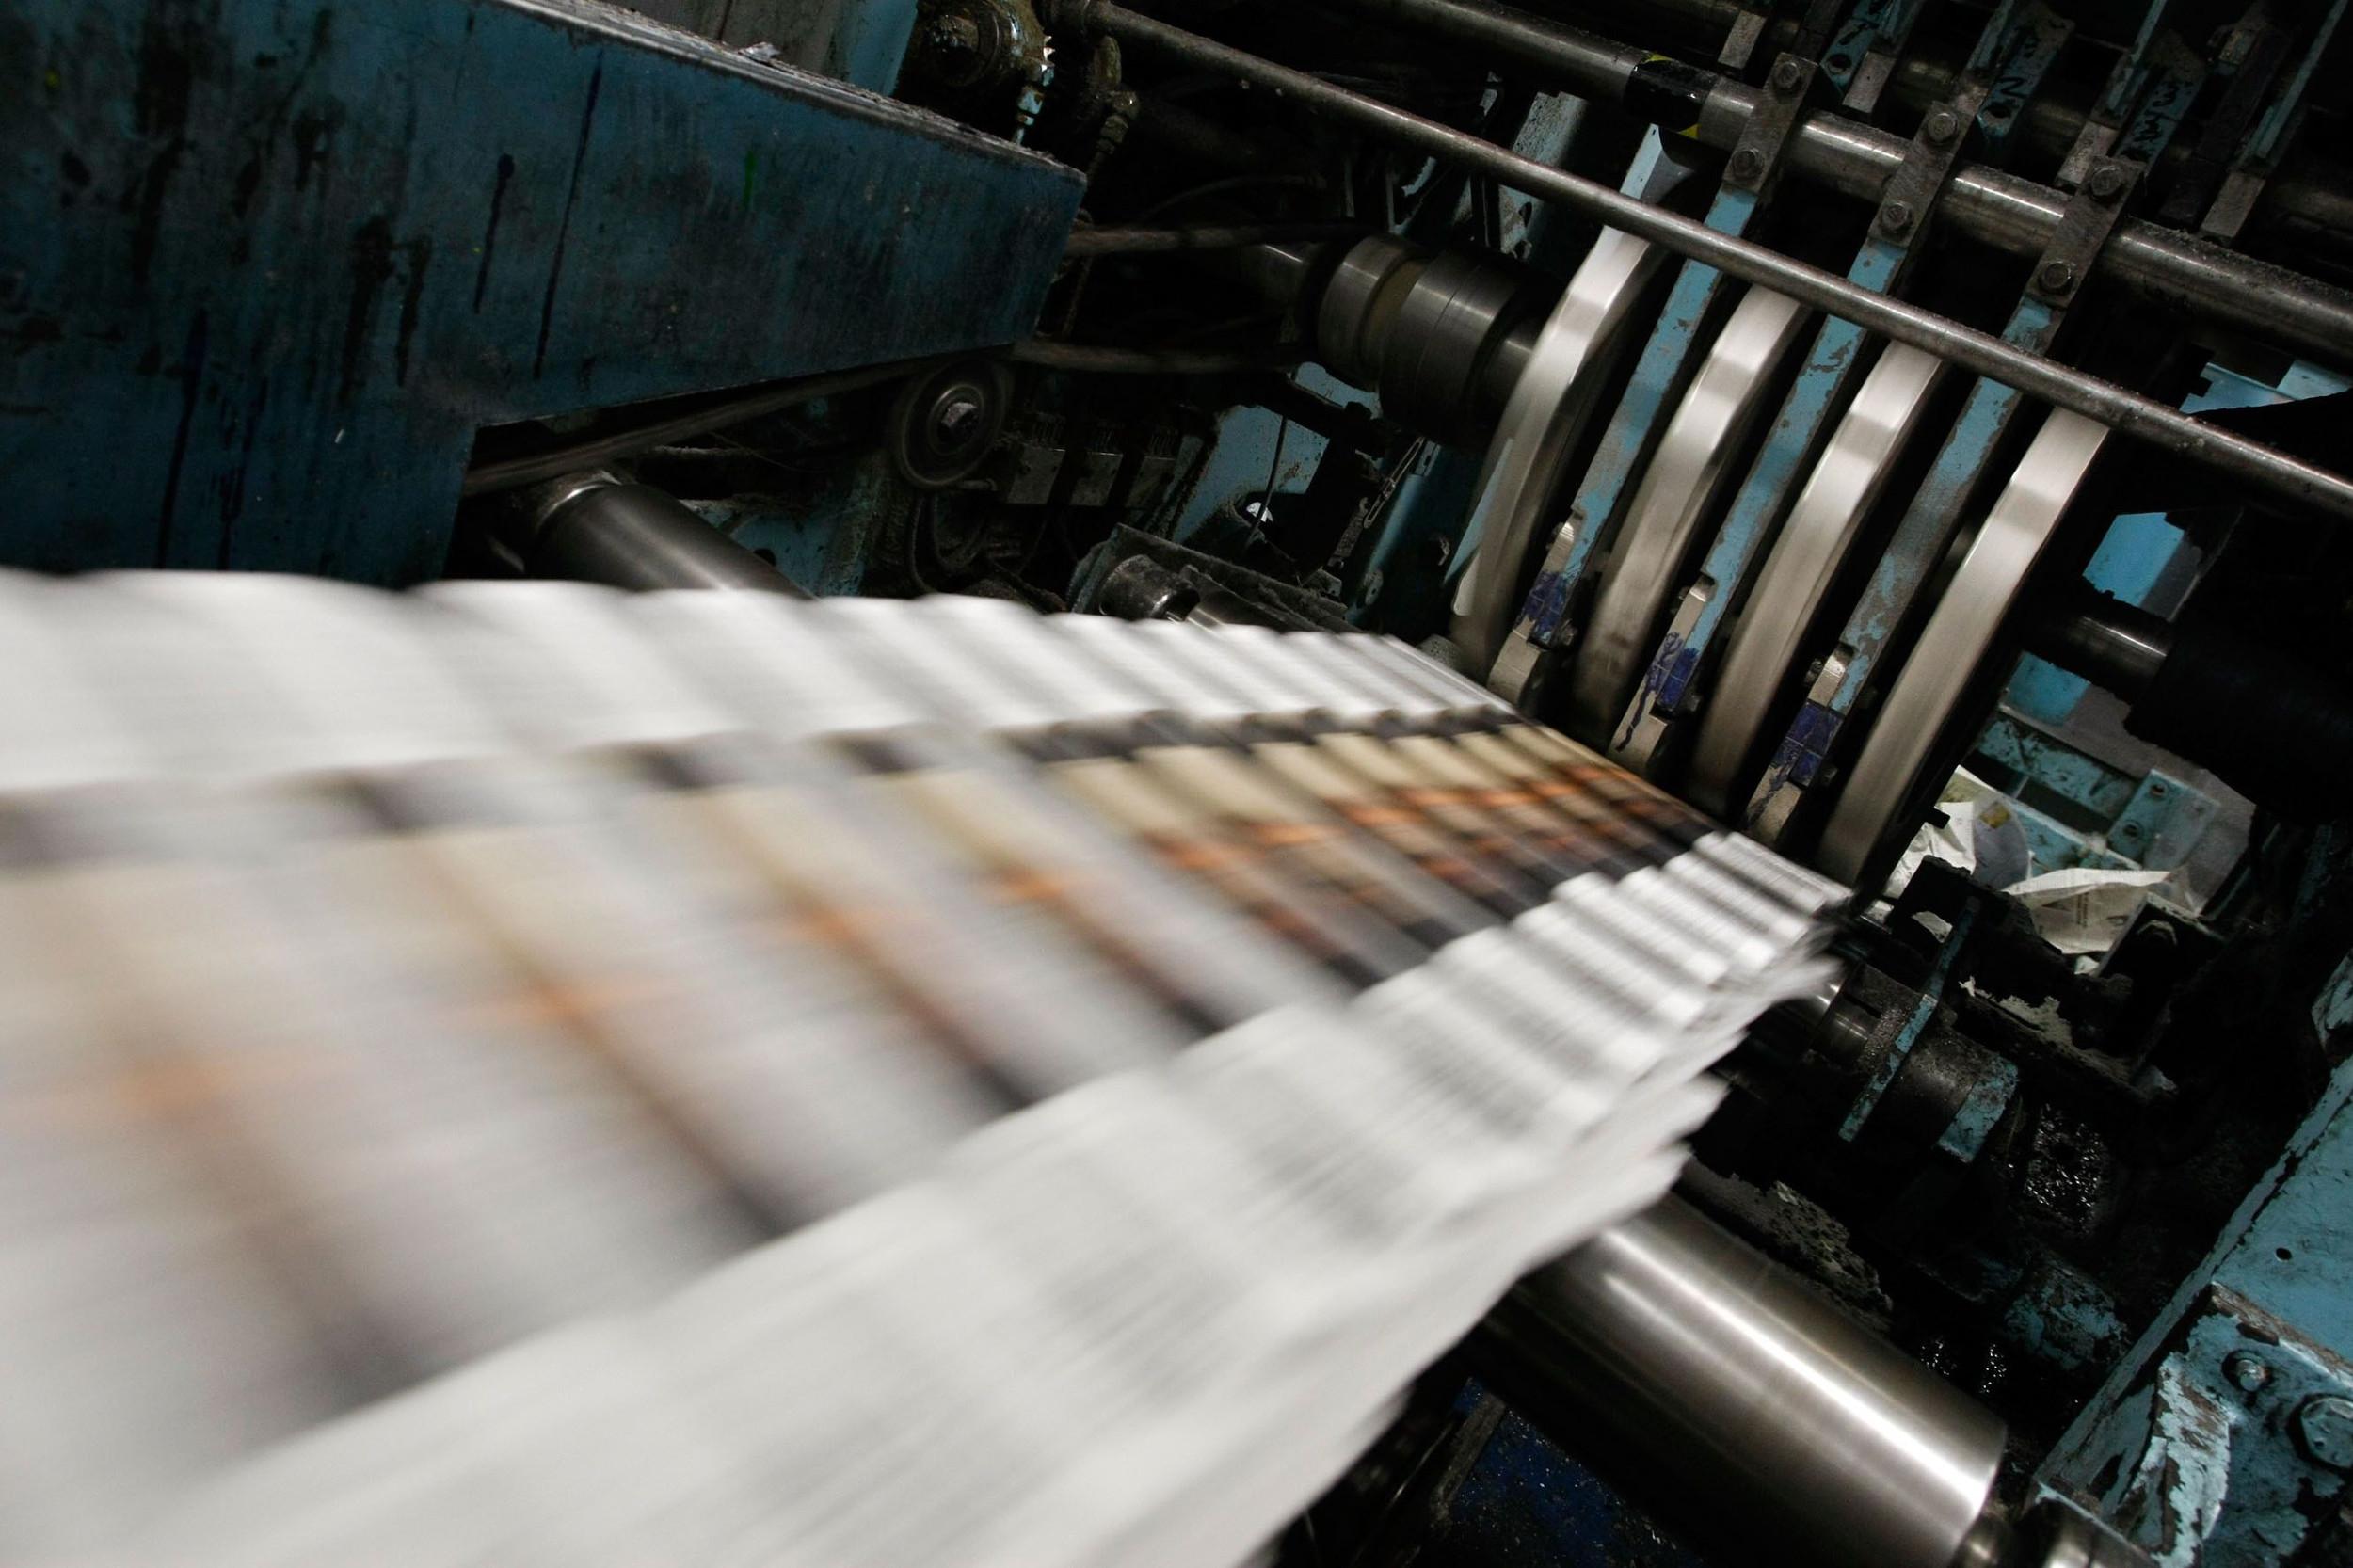 Процес штампања дневних новина (Фото: Getty Images)